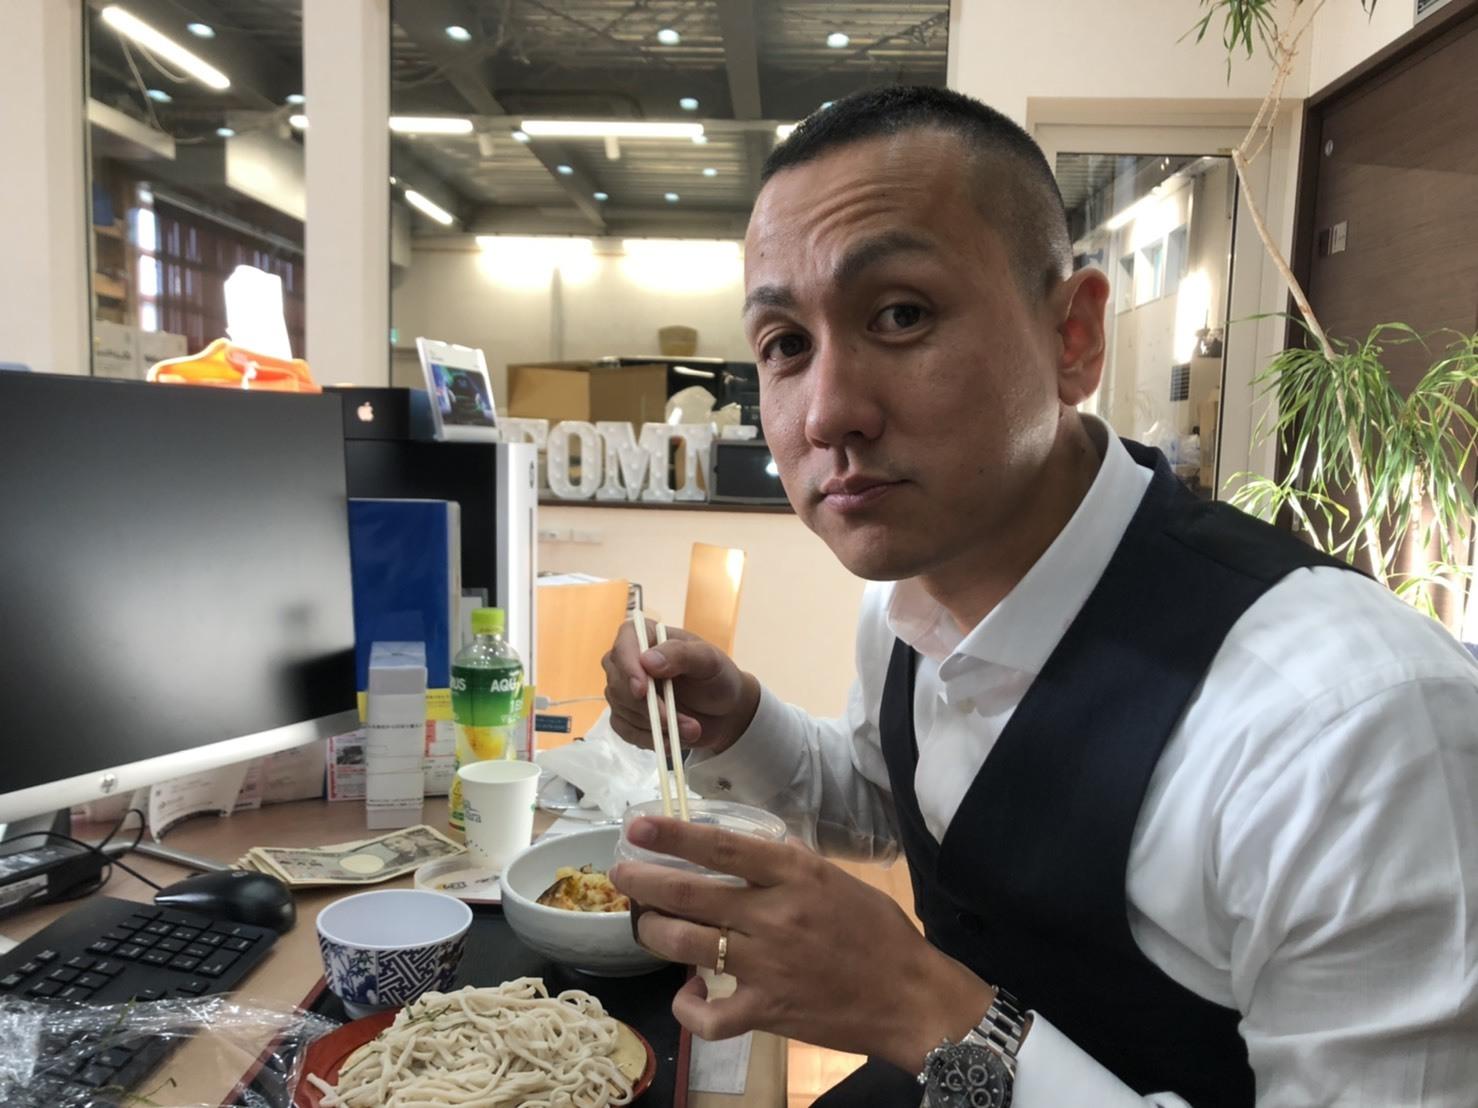 12月7日(土)タントカスタムK様ご成約!! ランクル ハマー エスカレード♡TOMMY♡_b0127002_18323694.jpg